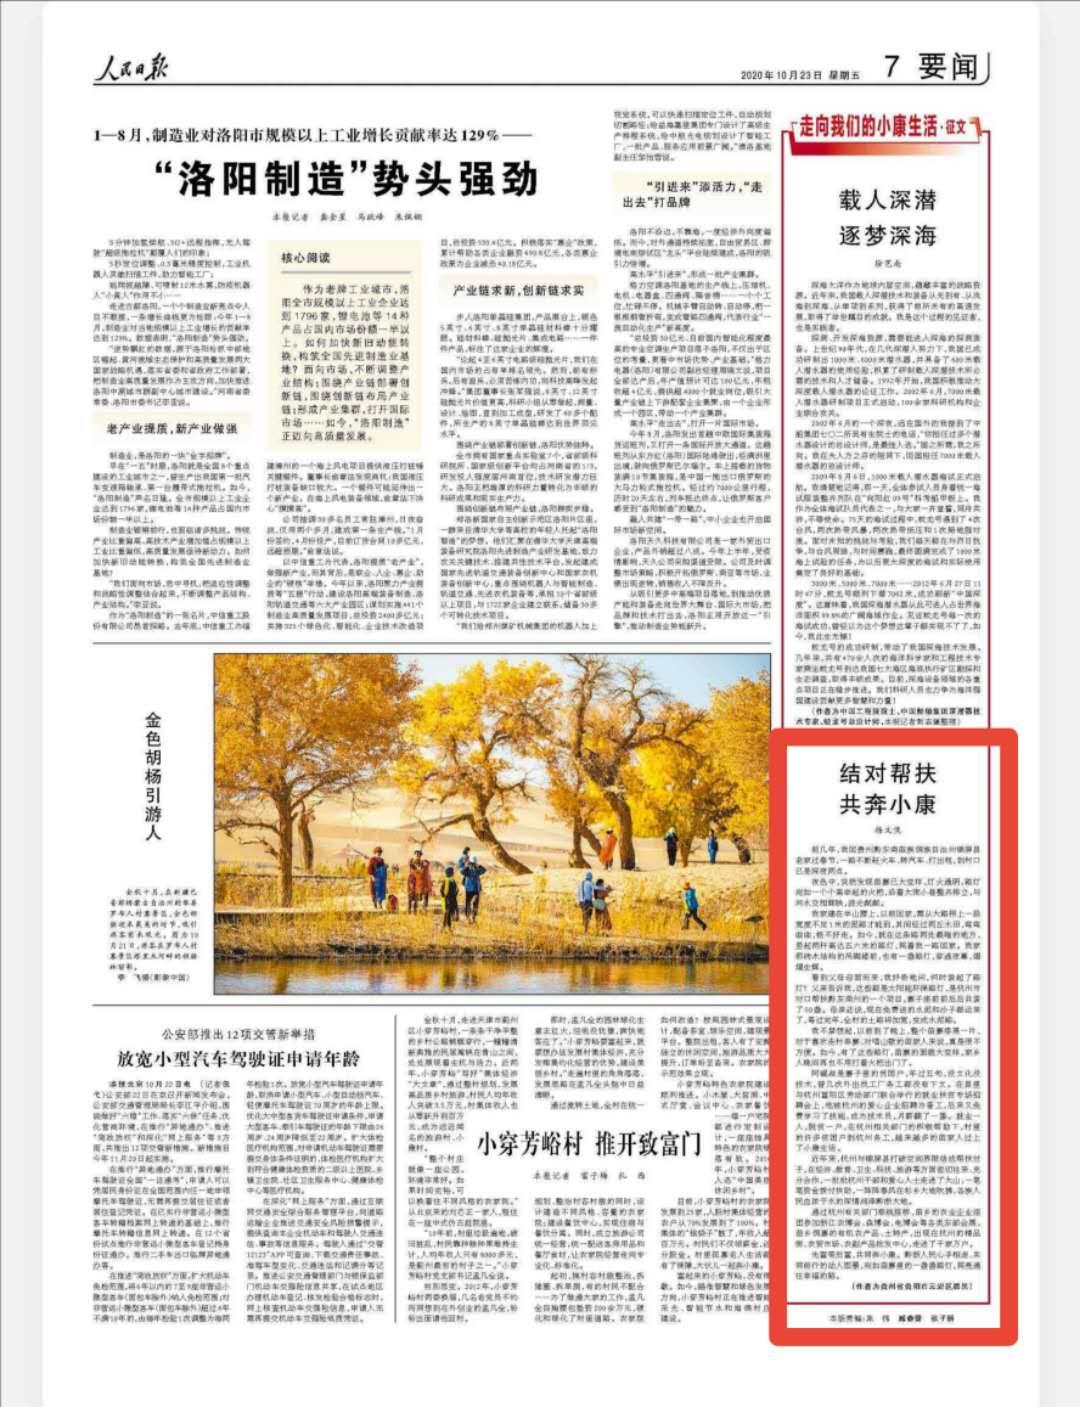 结对帮扶 共奔小康!人民日报关注杭州市与贵州锦屏县对口帮扶情况图片